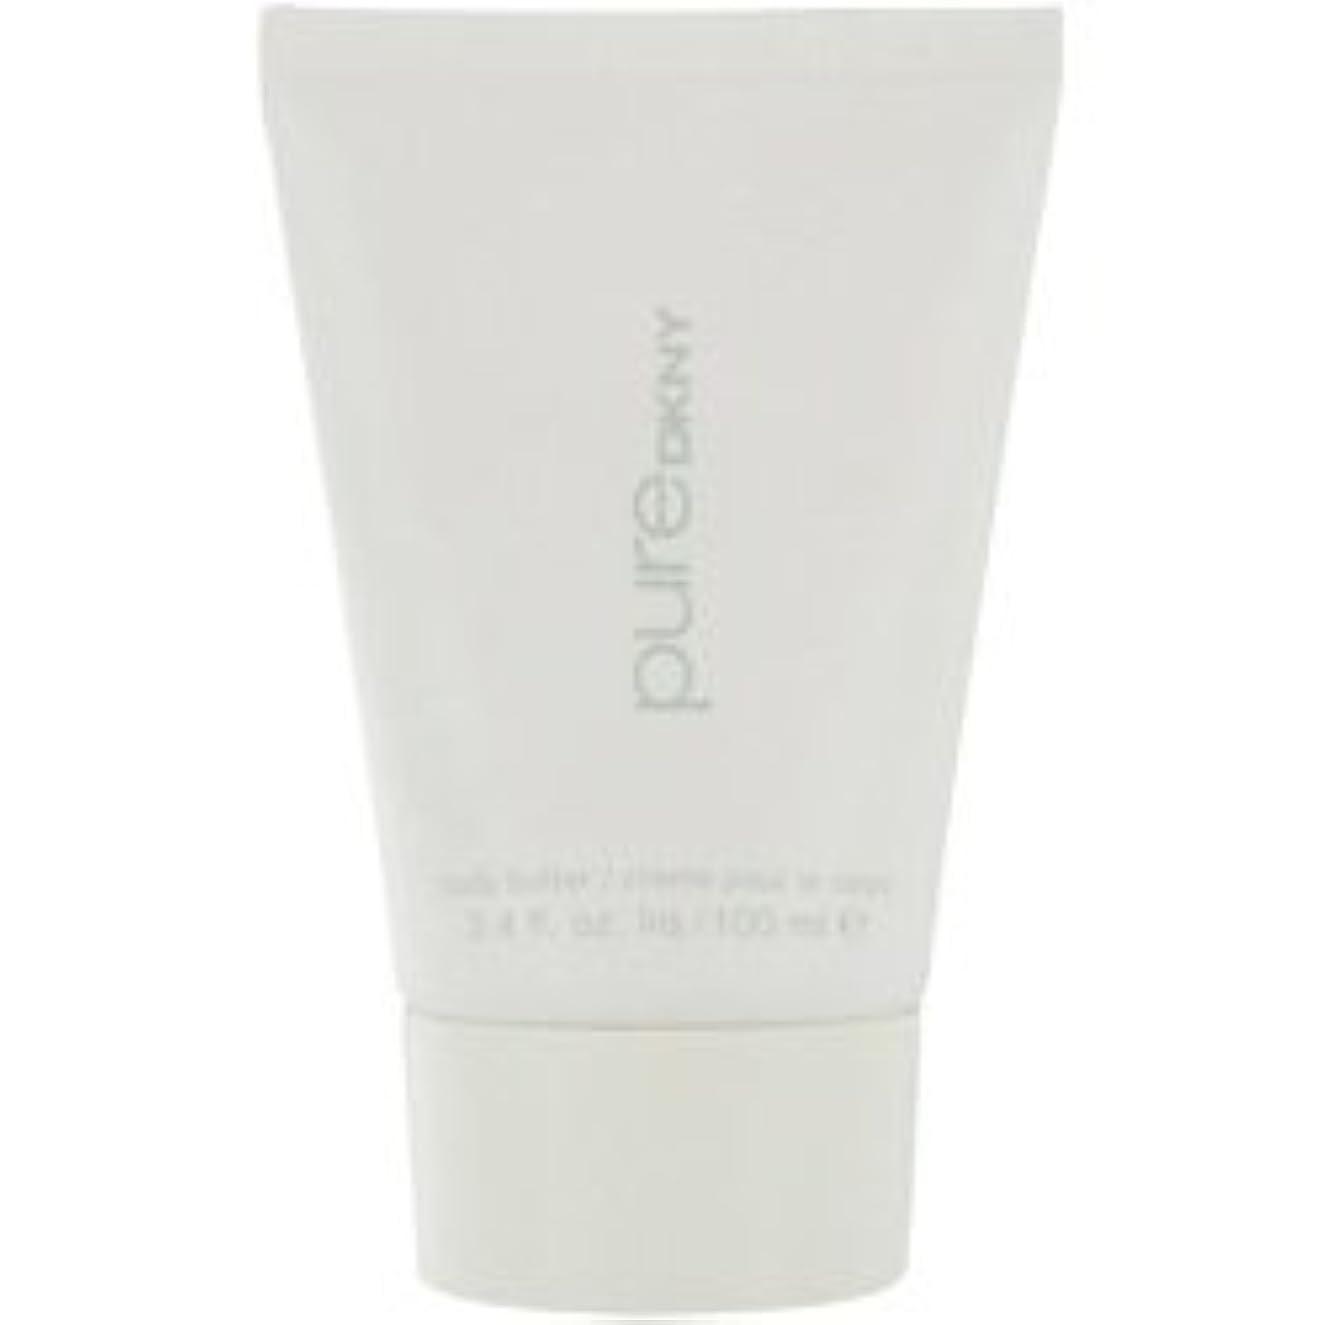 配偶者リス過言Pure DKNY Verbena (ピュアDKNYバーベナ) 3.4 oz (100ml) Body Wash (ボディーウオッシュ) by Donna Karan for Women